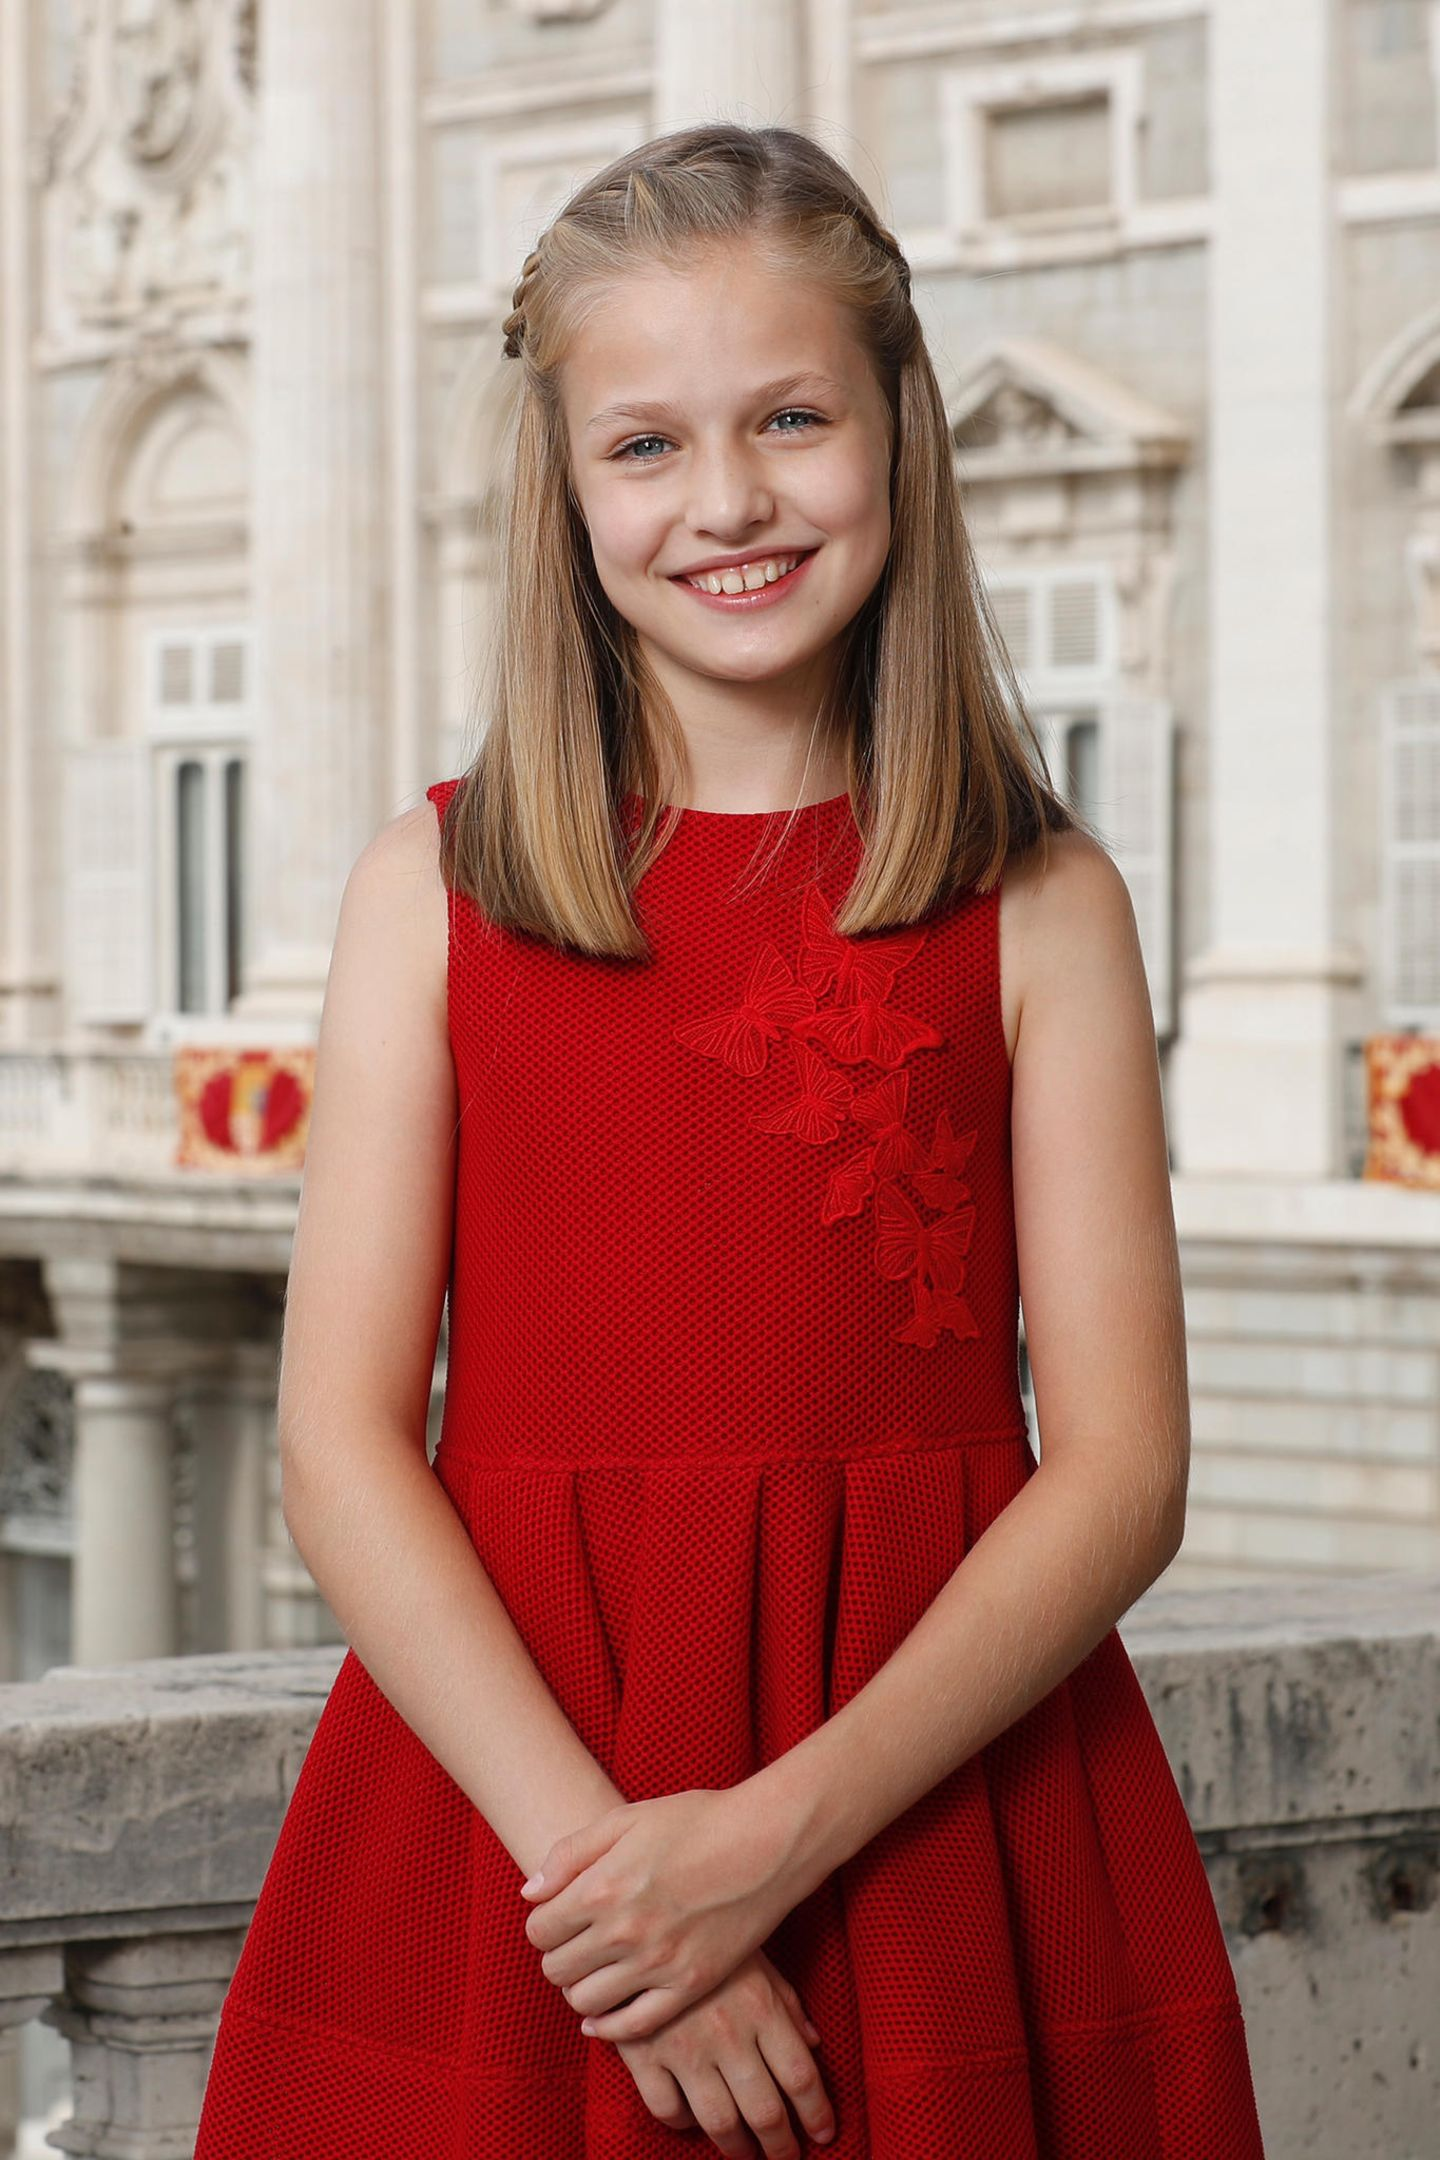 31. Oktober 2017  Prinzessin Leonor von Spanien ist 12 Jahre alt geworden: Grund genug, um dieses hübsche offizielle Porträt zu veröffentlichen. Herzlichen Glückwunsch, Prinzessin!